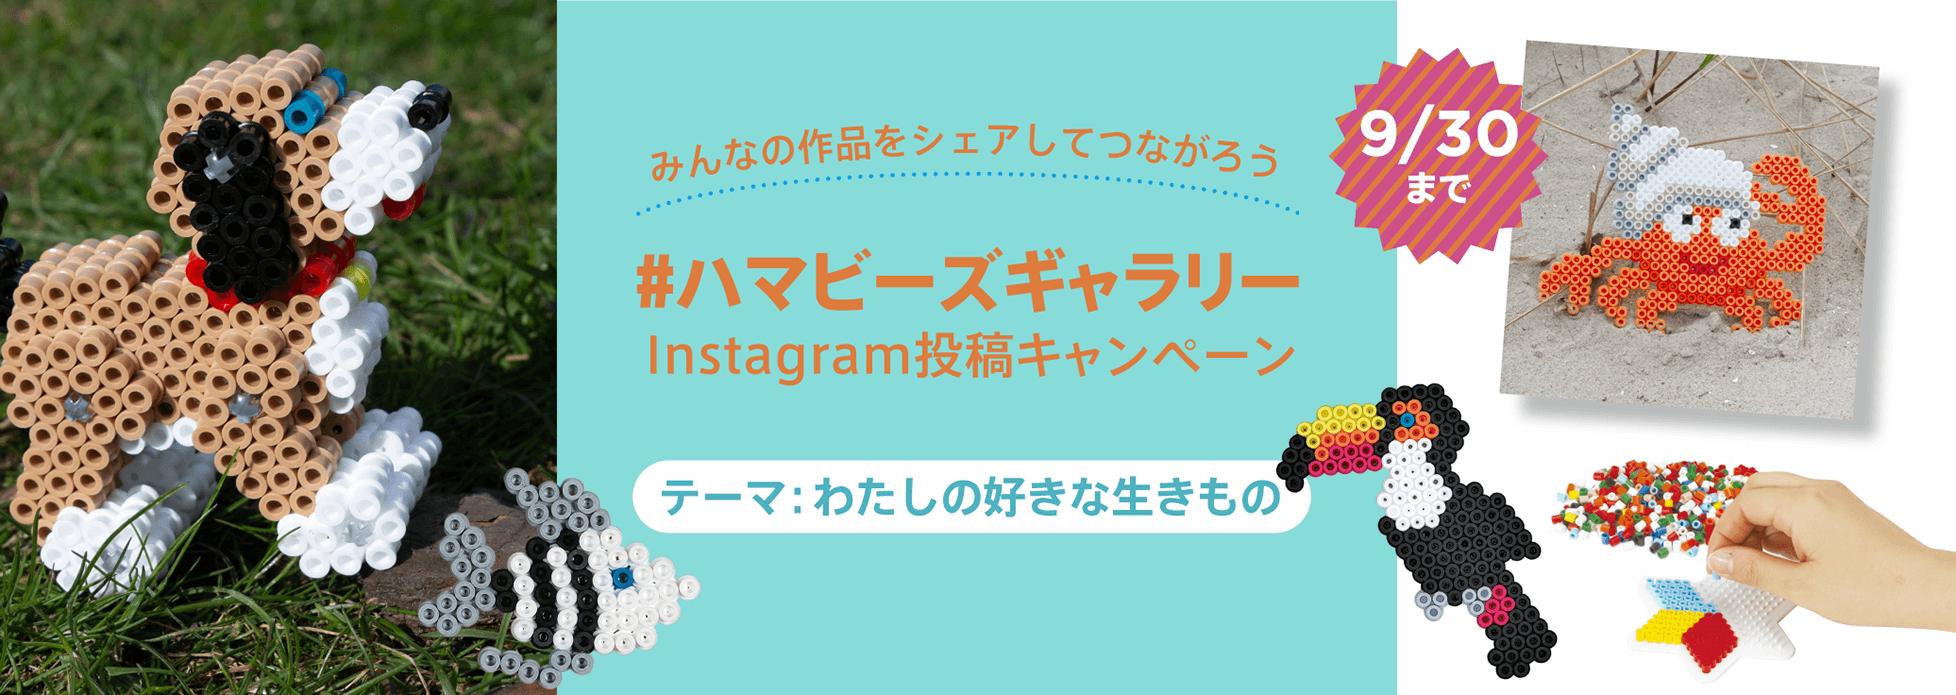 みんなの作品をシェアしてつながろう!「#ハマビーズギャラリー」Instagram投稿キャンペーン テーマ:私の好きな生きもの